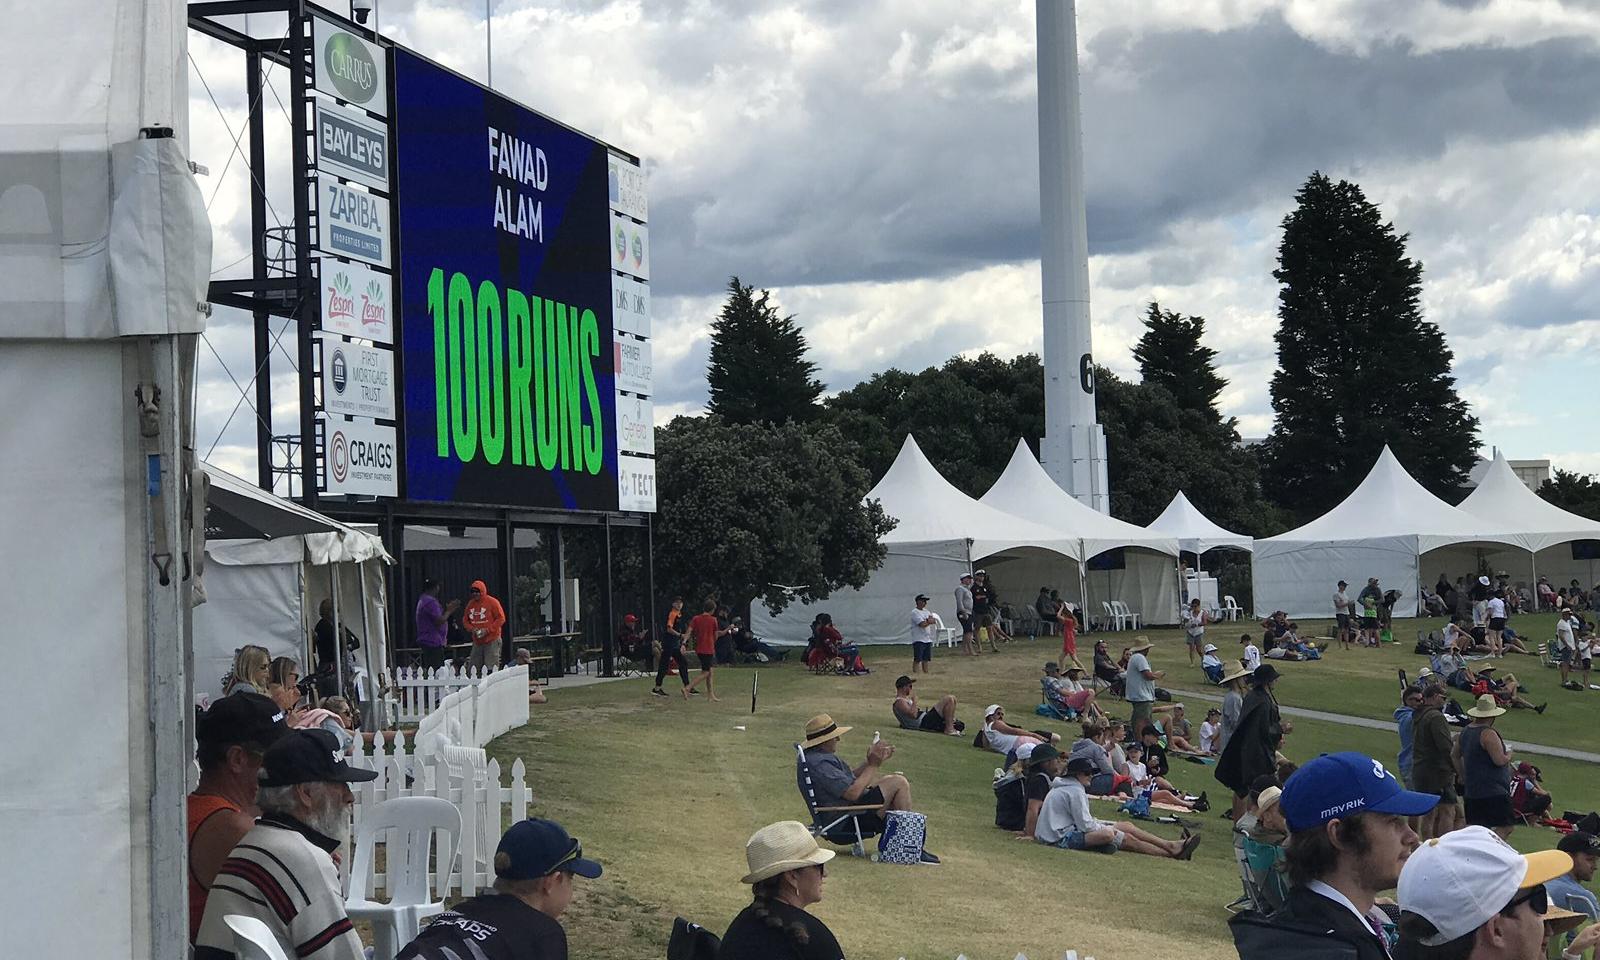 نیوزی لینڈ کے باؤلرز نے اچھی کارکردگی کا مظاہرہ کیا—فوٹو: بلیک کیپس ٹوئٹر